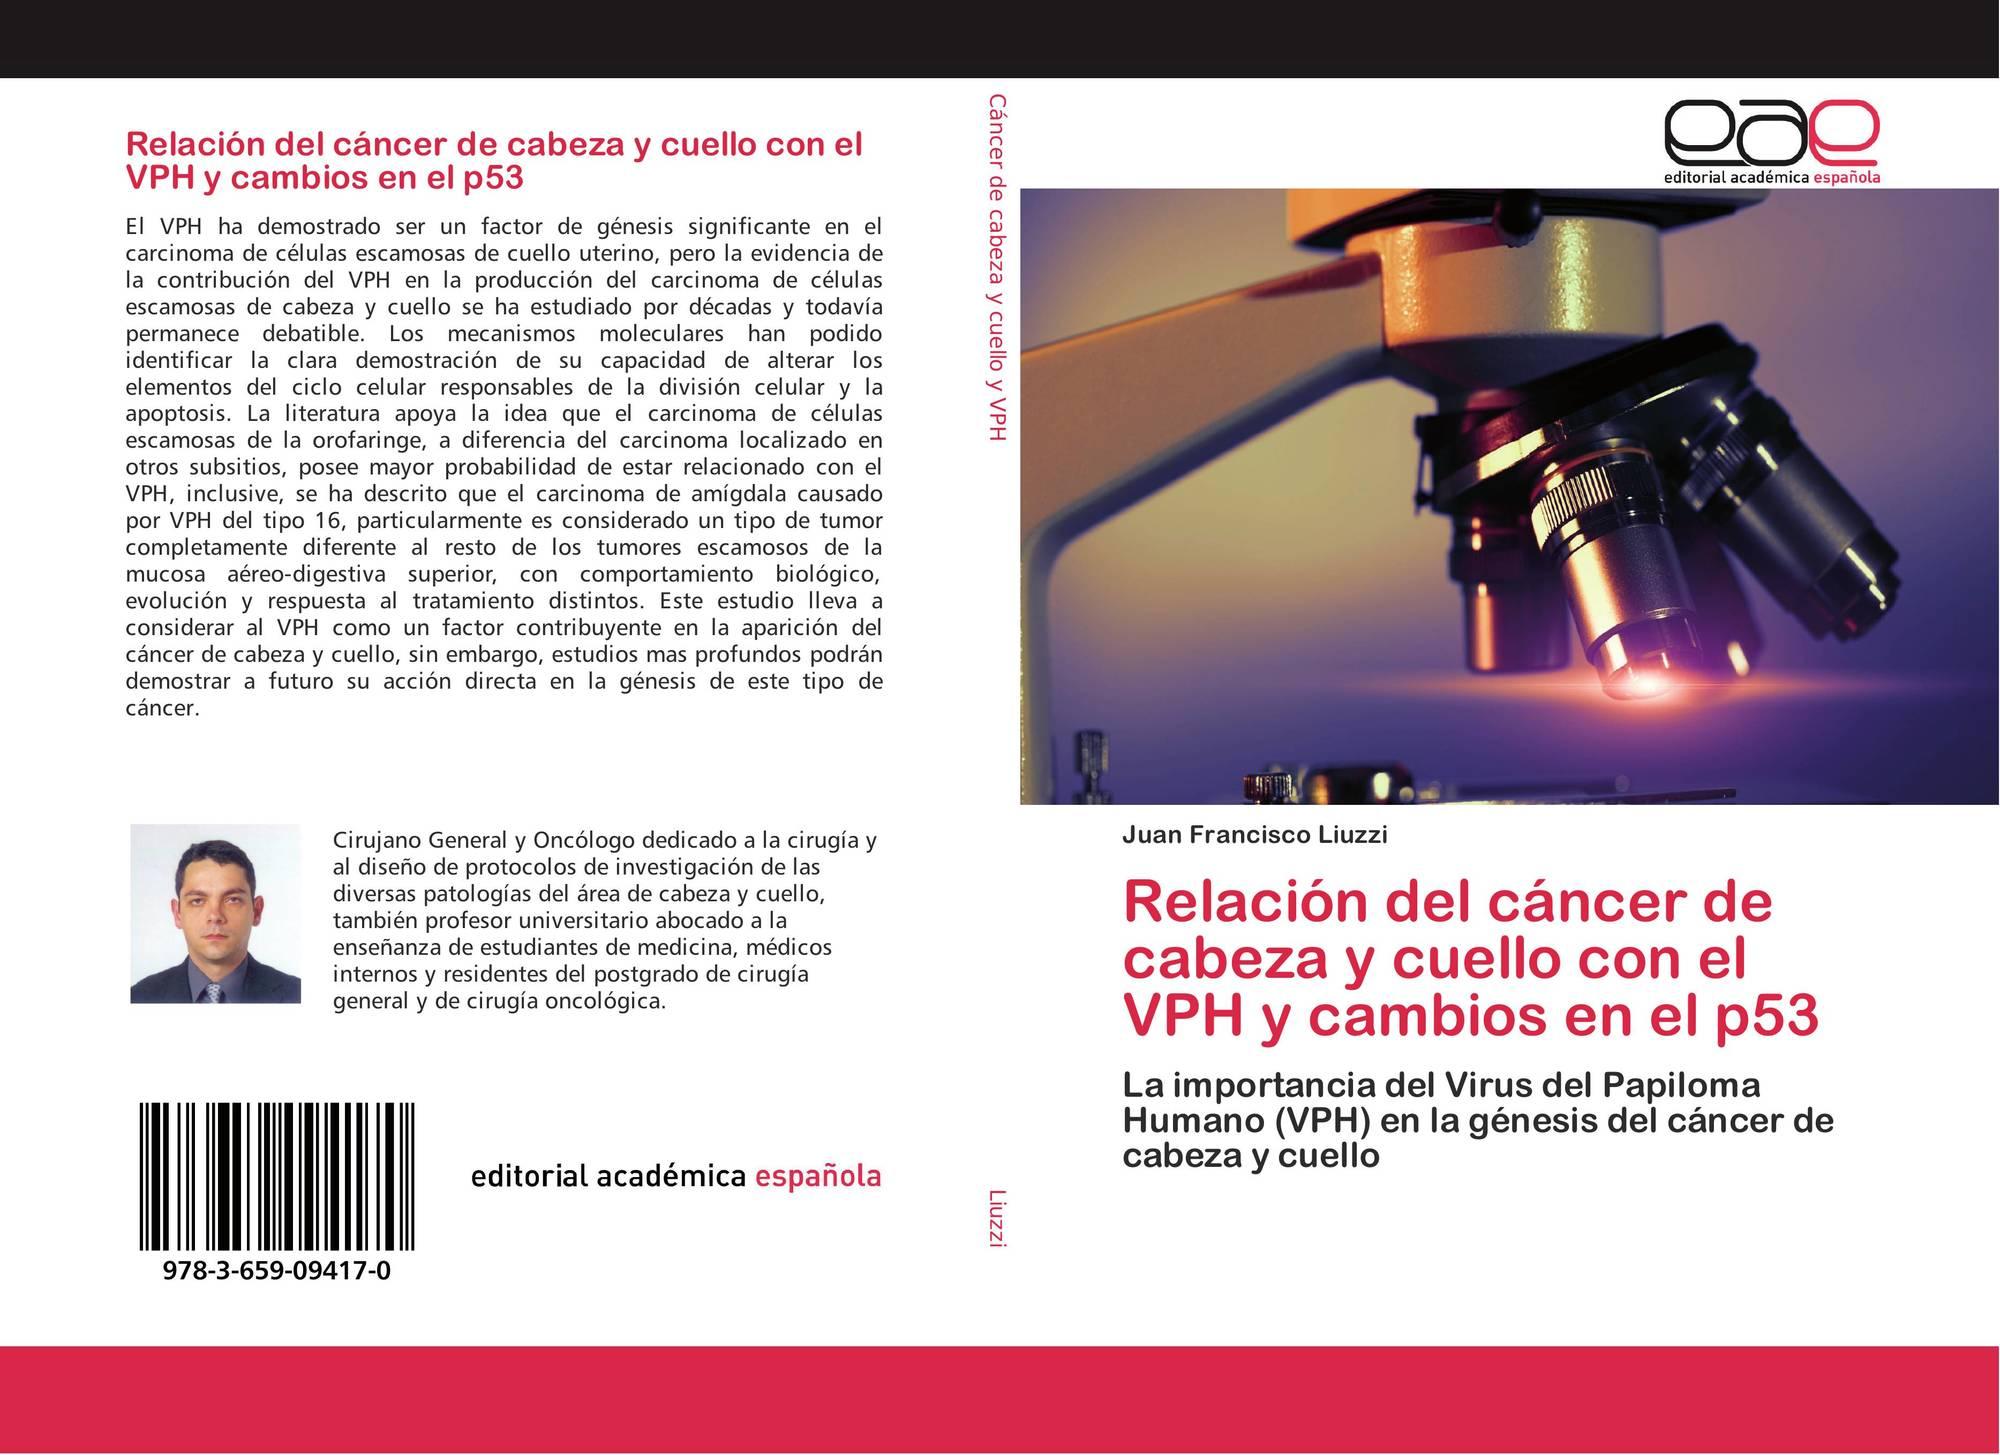 hpv cancer de cabeza y cuello